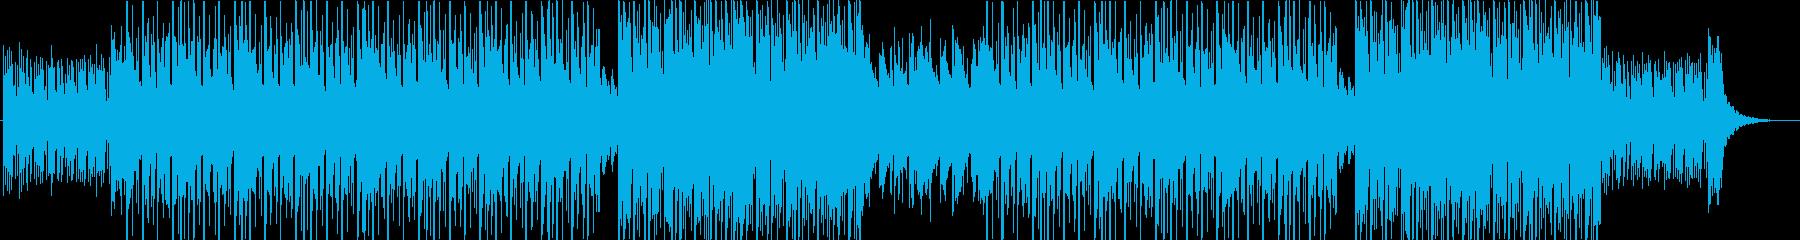 ジャスティン・ビーバータイプポップR&Bの再生済みの波形